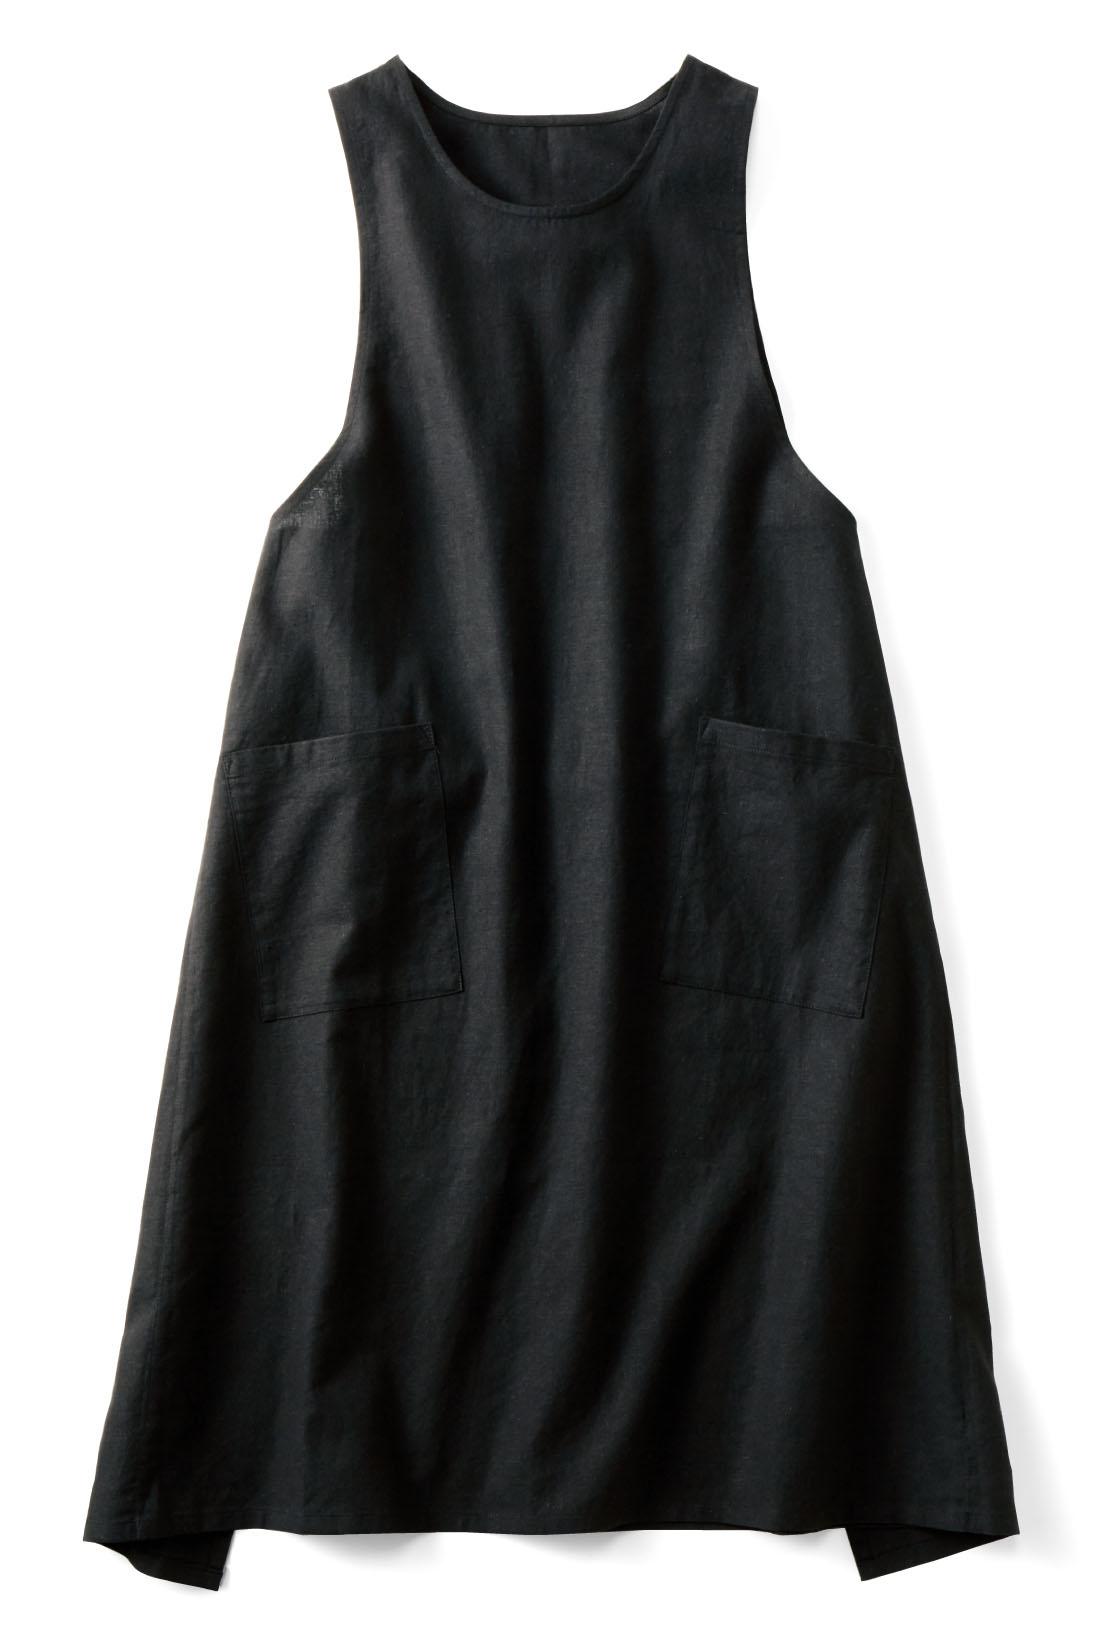 シックで大人っぽい【ブラック】 ※リボンもブラックです。